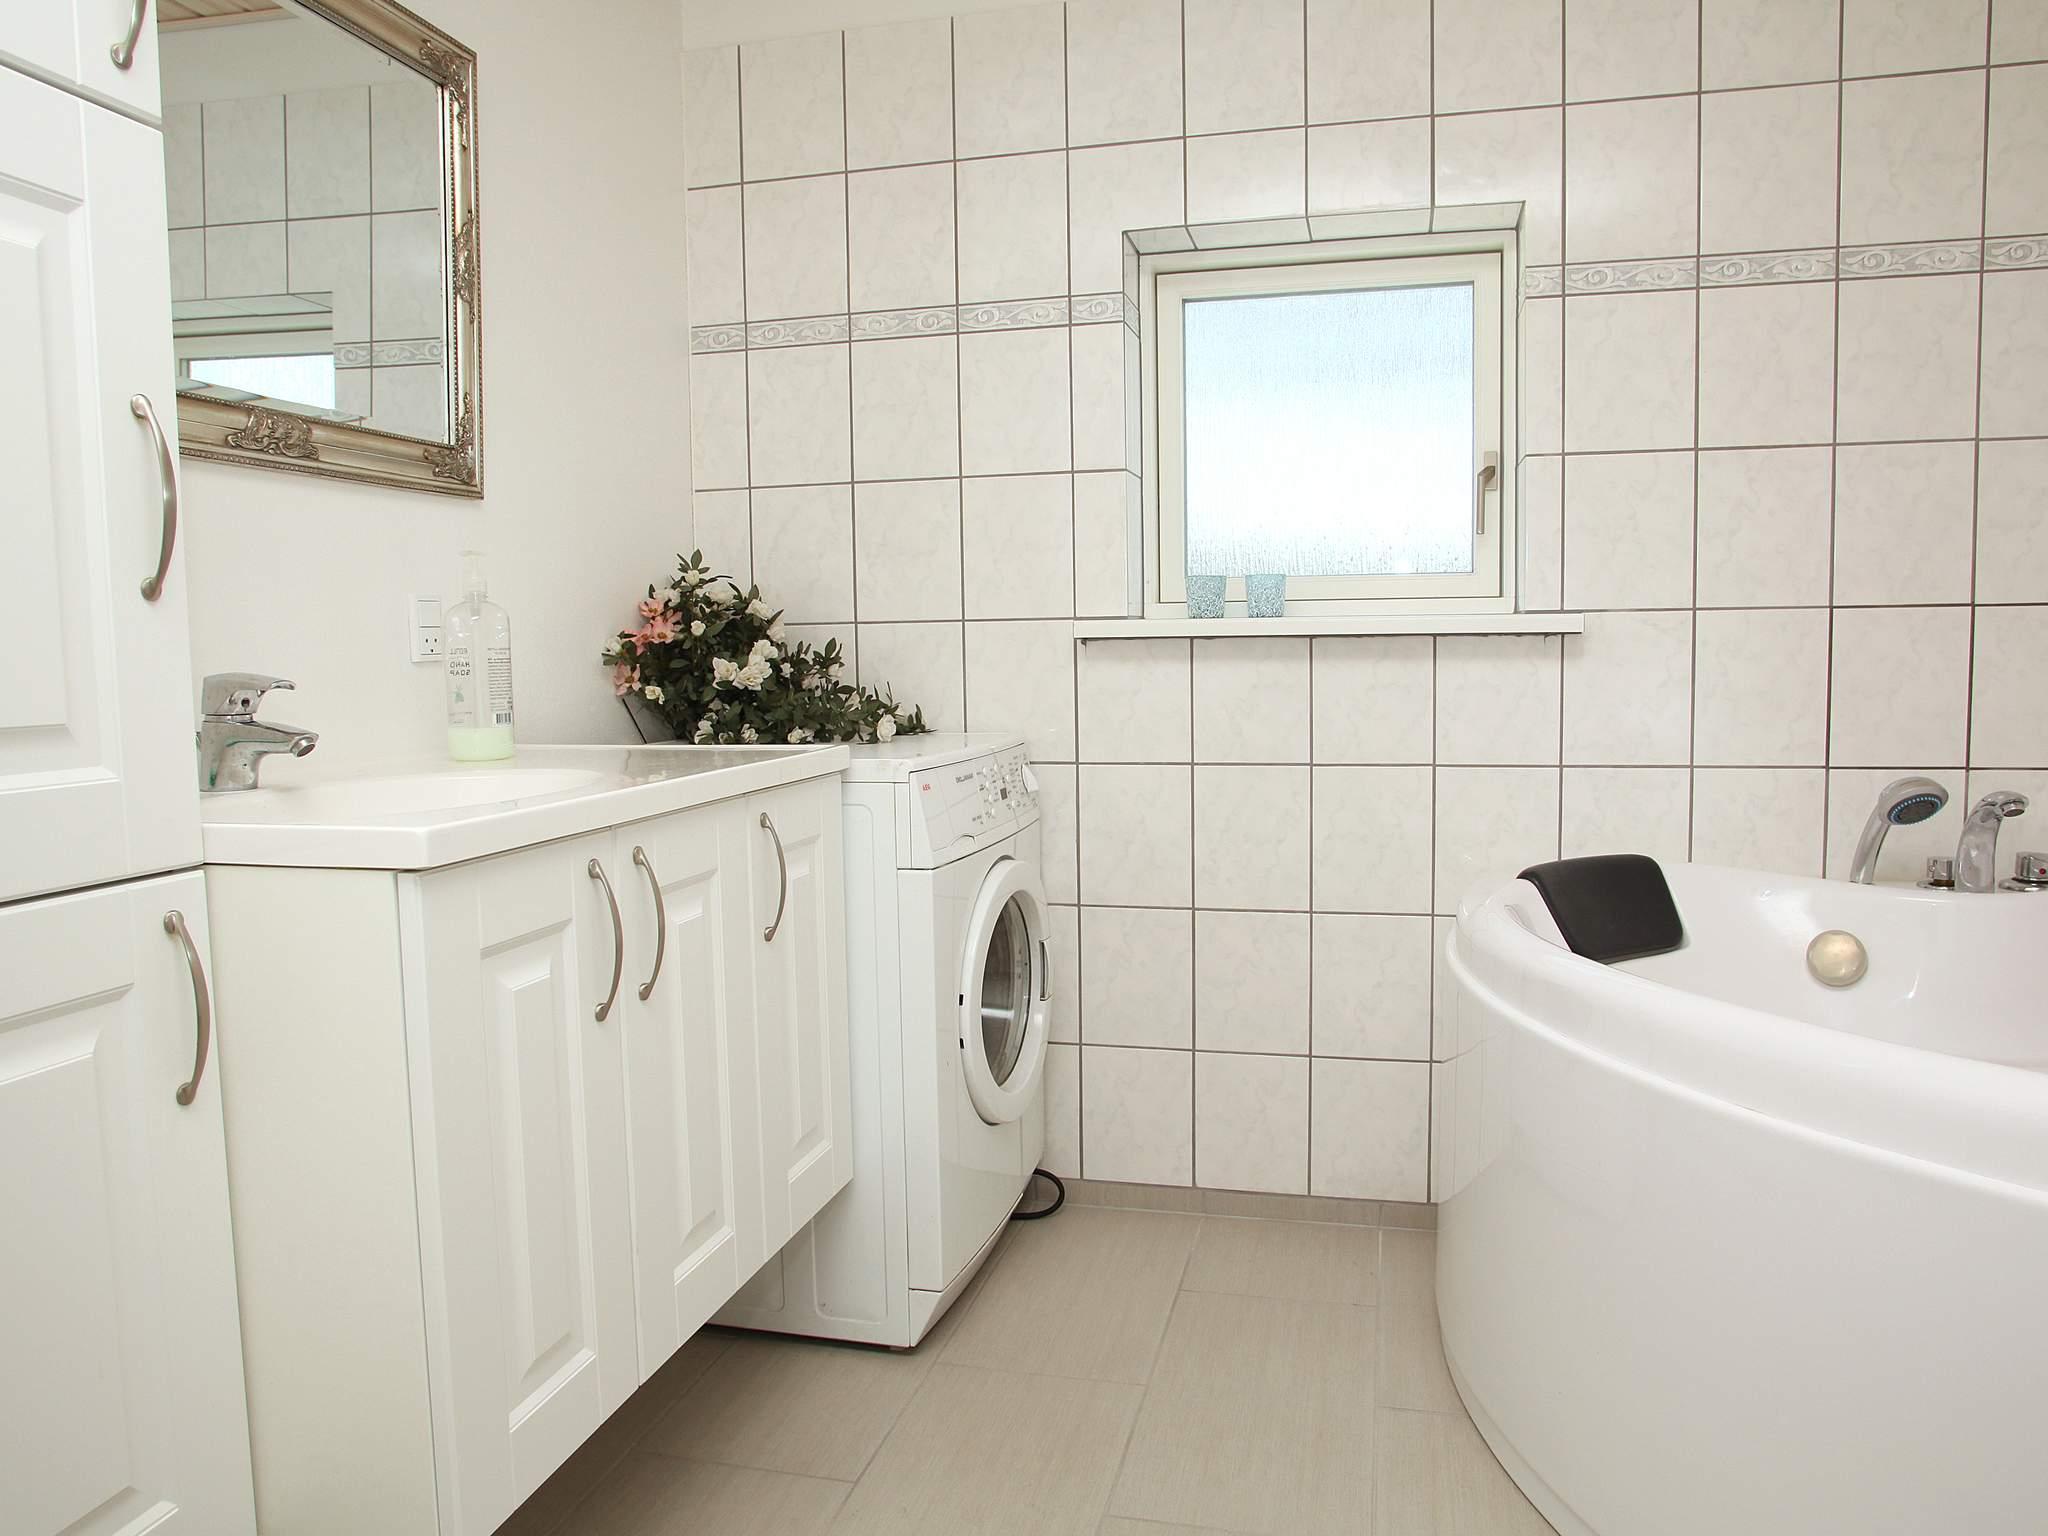 Ferienhaus Ebeltoft (494749), Ebeltoft, , Ostjütland, Dänemark, Bild 11